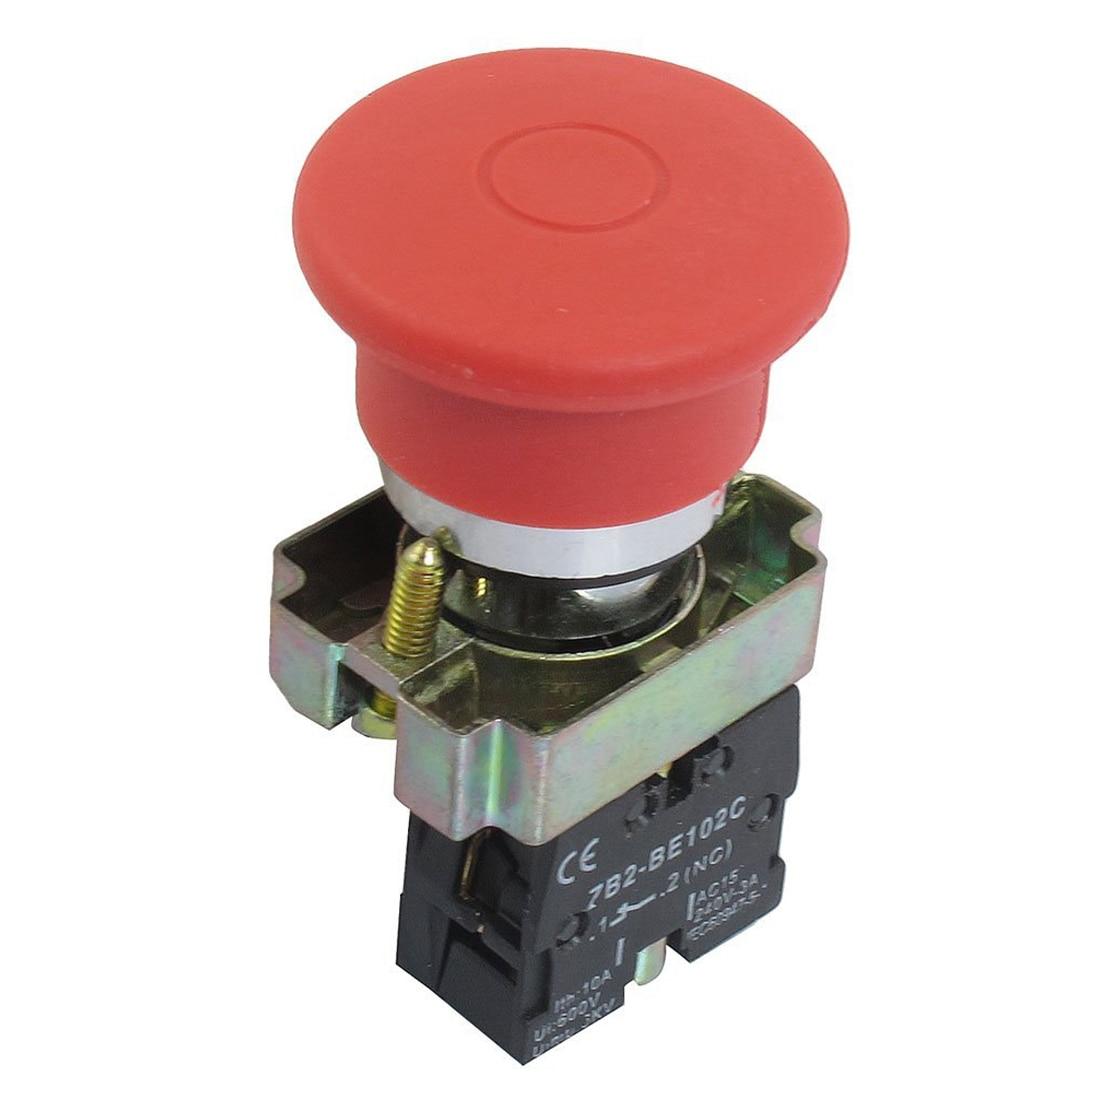 цены  KSOL 22mm NC Red Mushroom Emergency Stop Push Button Switch 600V 10A ZB2-BE102C